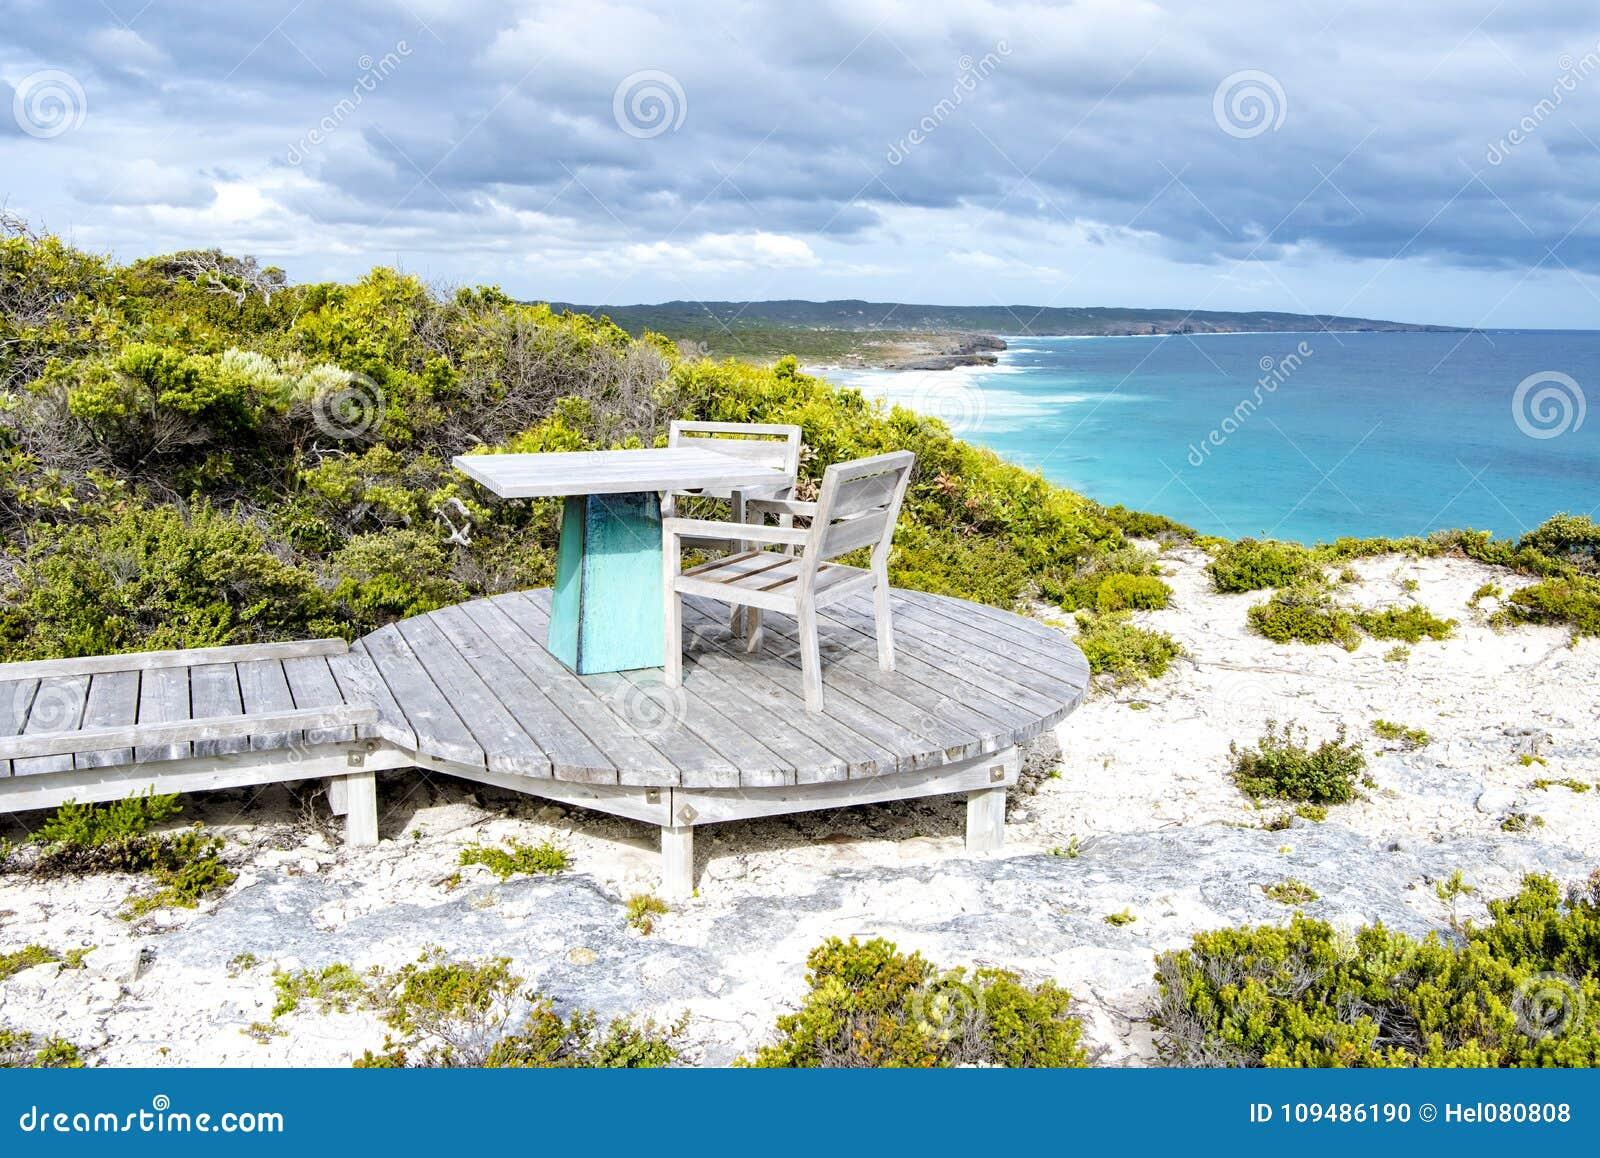 Direito exterior ao lado da praia, ilha do assento do canguru, Austrália